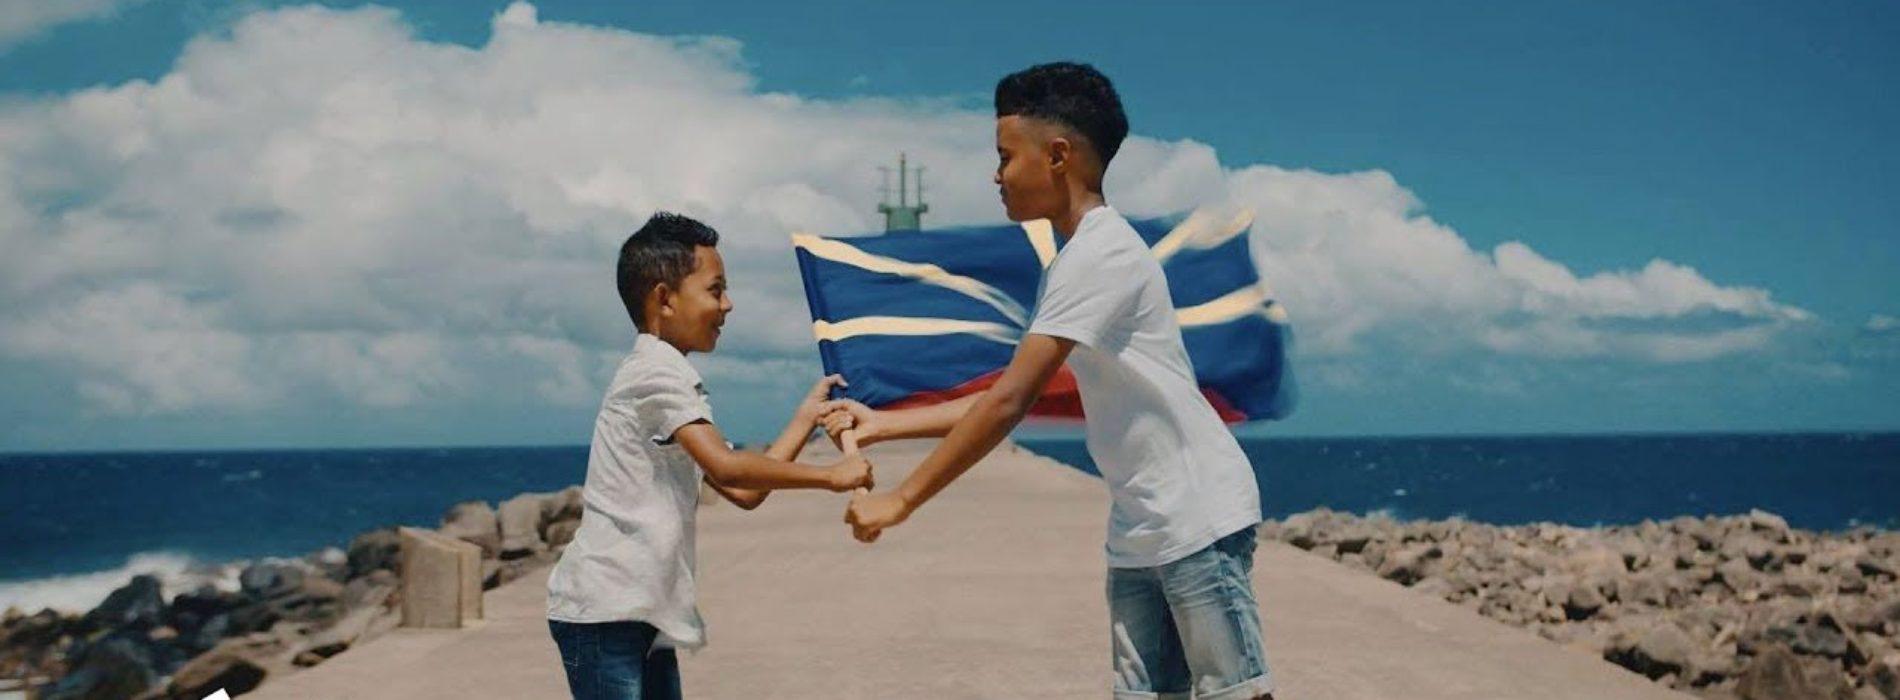 Wizdom – Rényon La ft. Kaf Malbar (Clip Officiel) – Novembre 2019